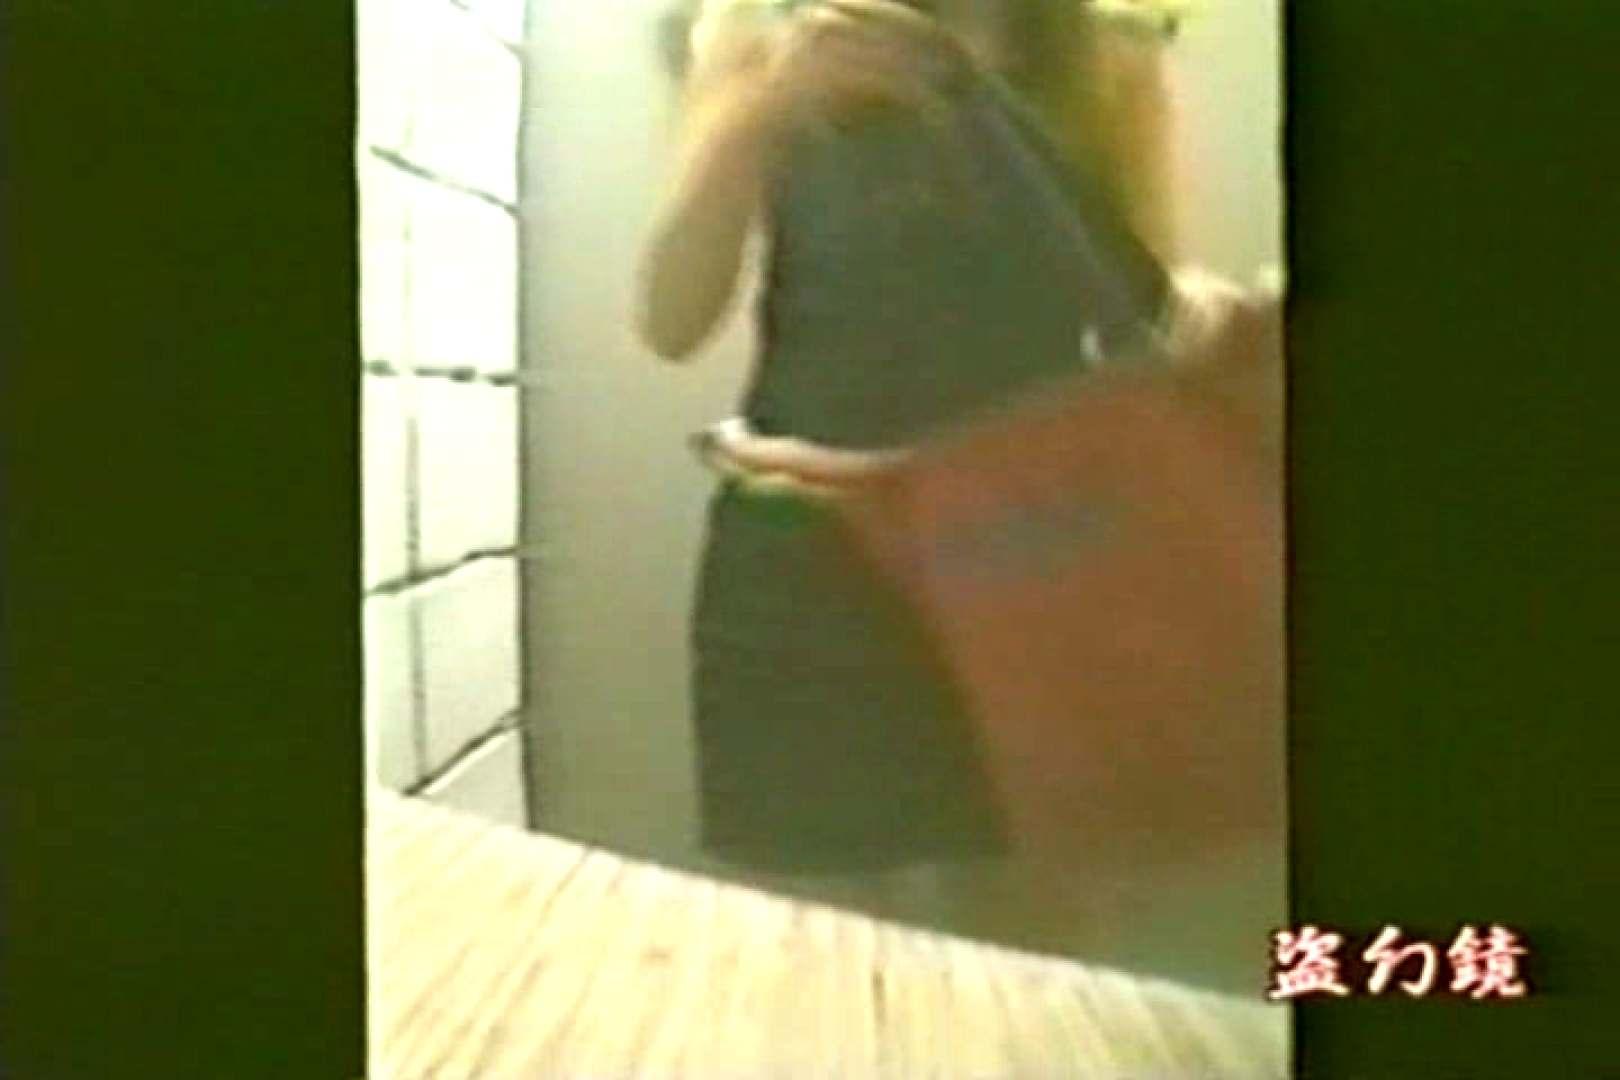 水着ギャル和式女子大生● MT-1 洗面所突入 ヌード画像 103pic 52